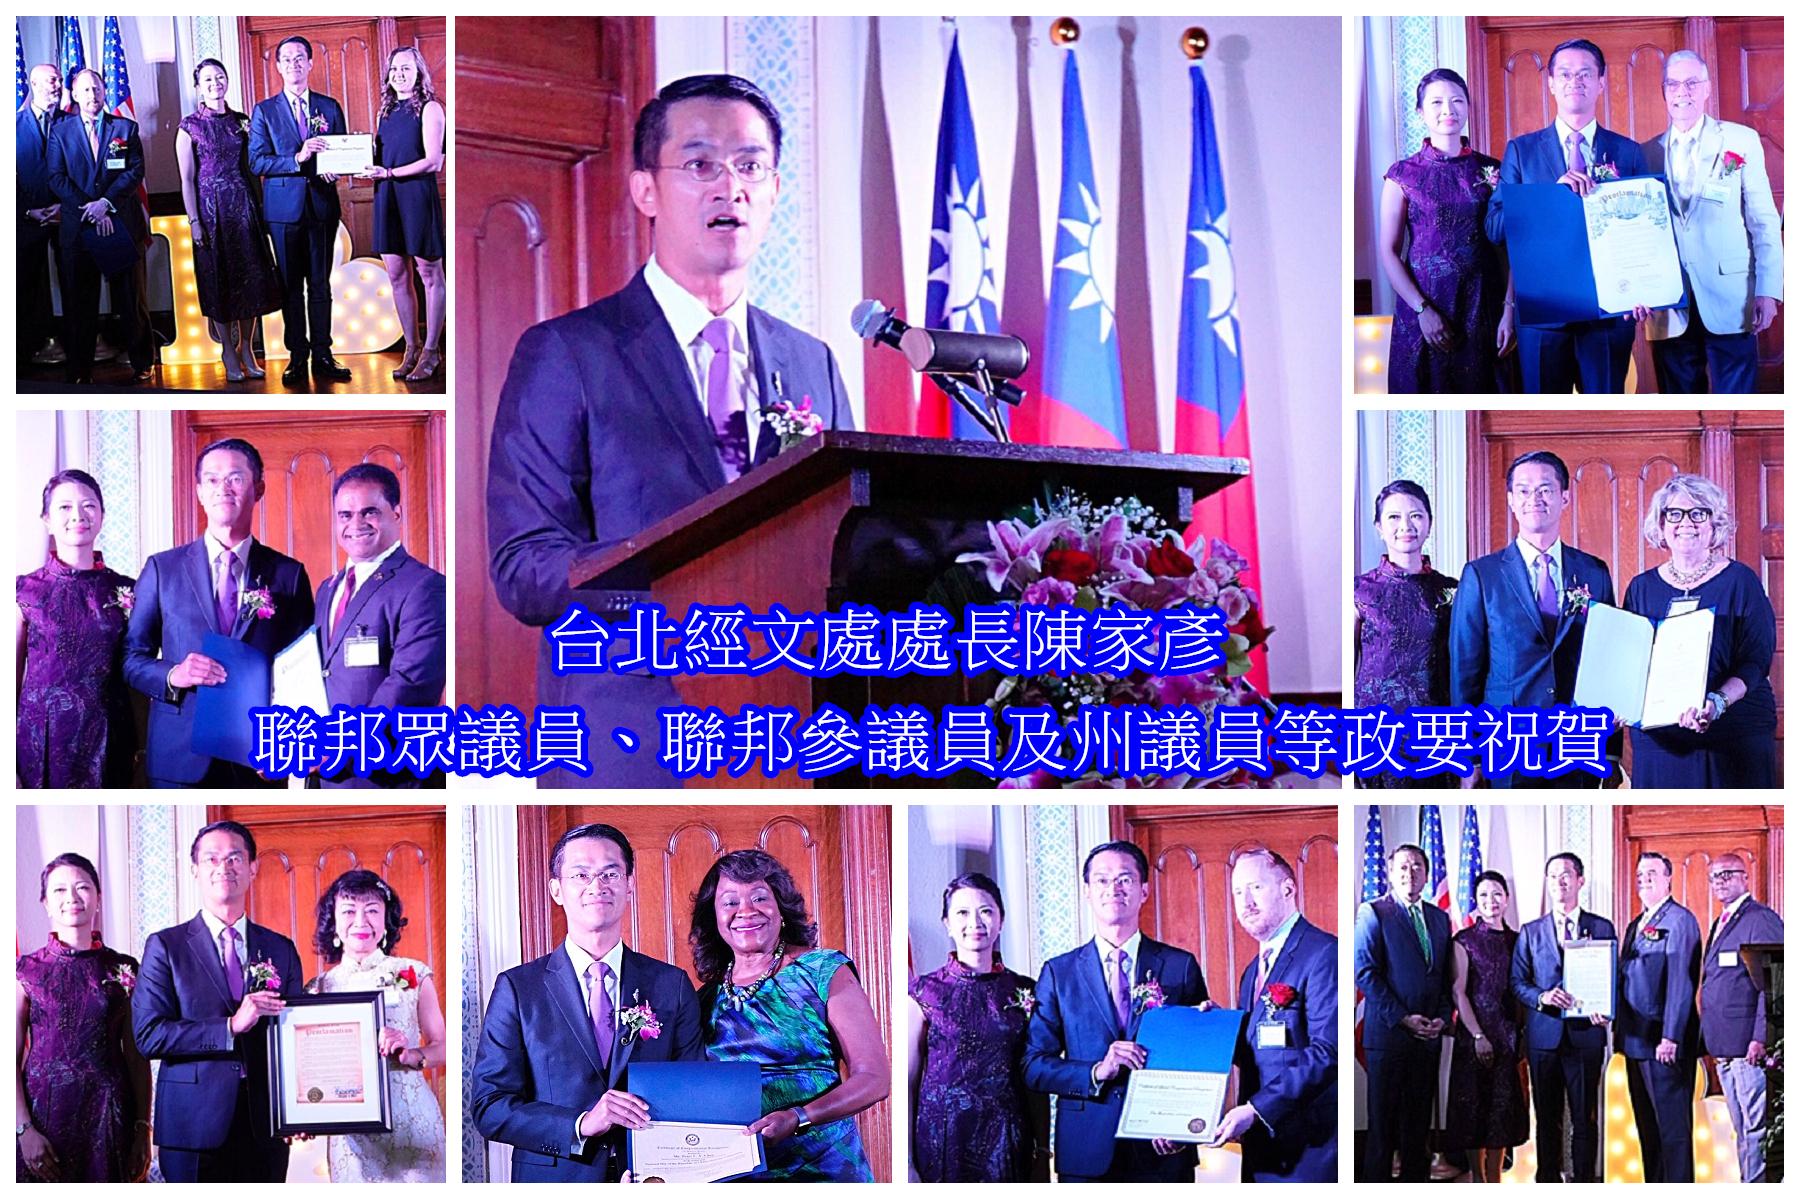 陳家彥致詞、主流政要分別致送祝賀函。